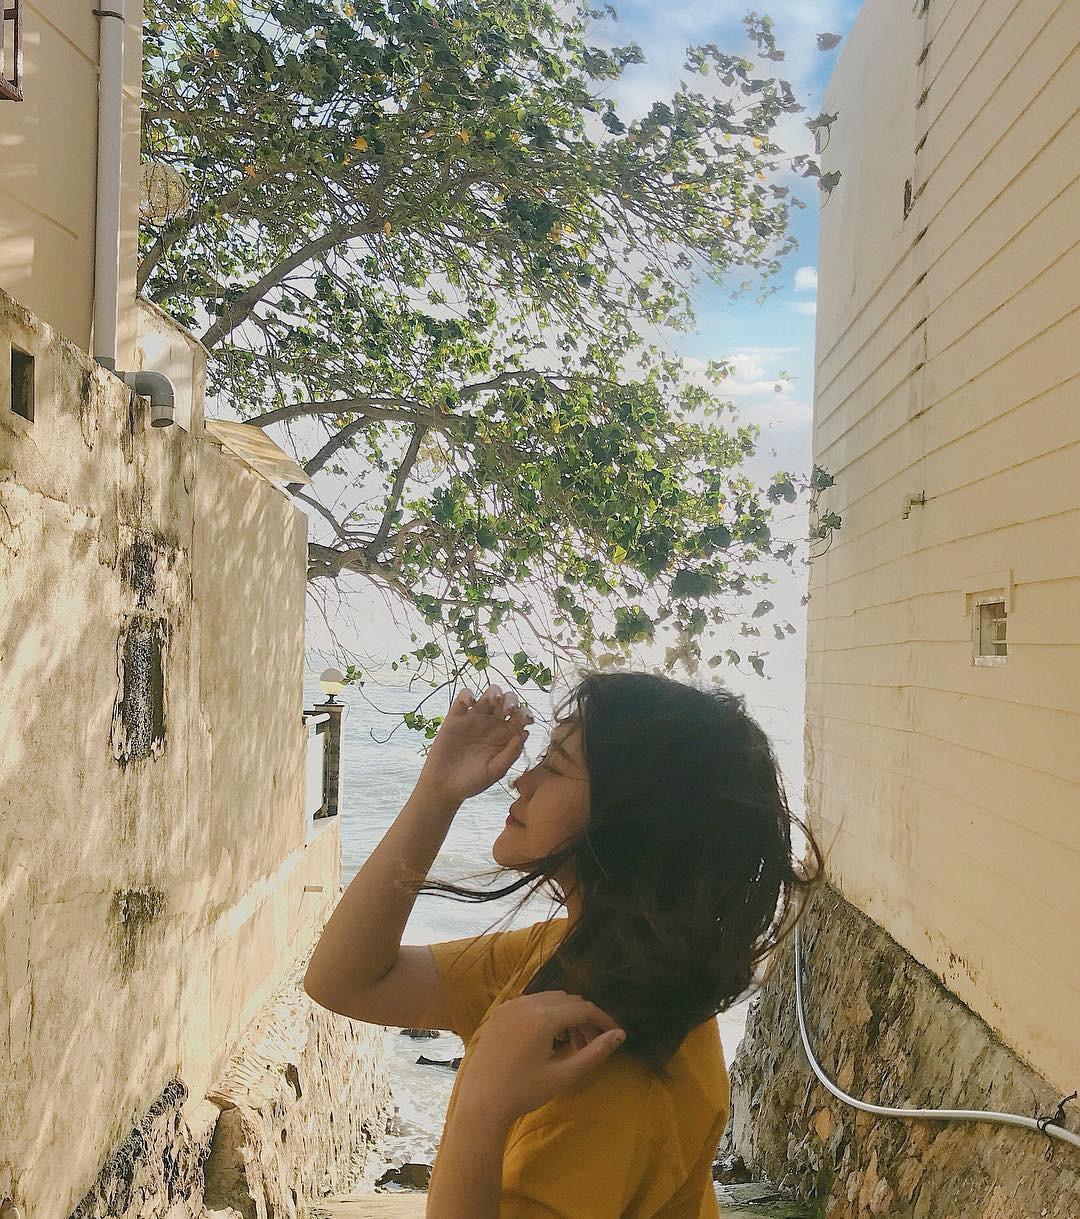 Con hẻm sống ảo tại Vũng Tàu đang là địa điểm được giới trẻ check-in rần rần trên Instagram - Ảnh 13.